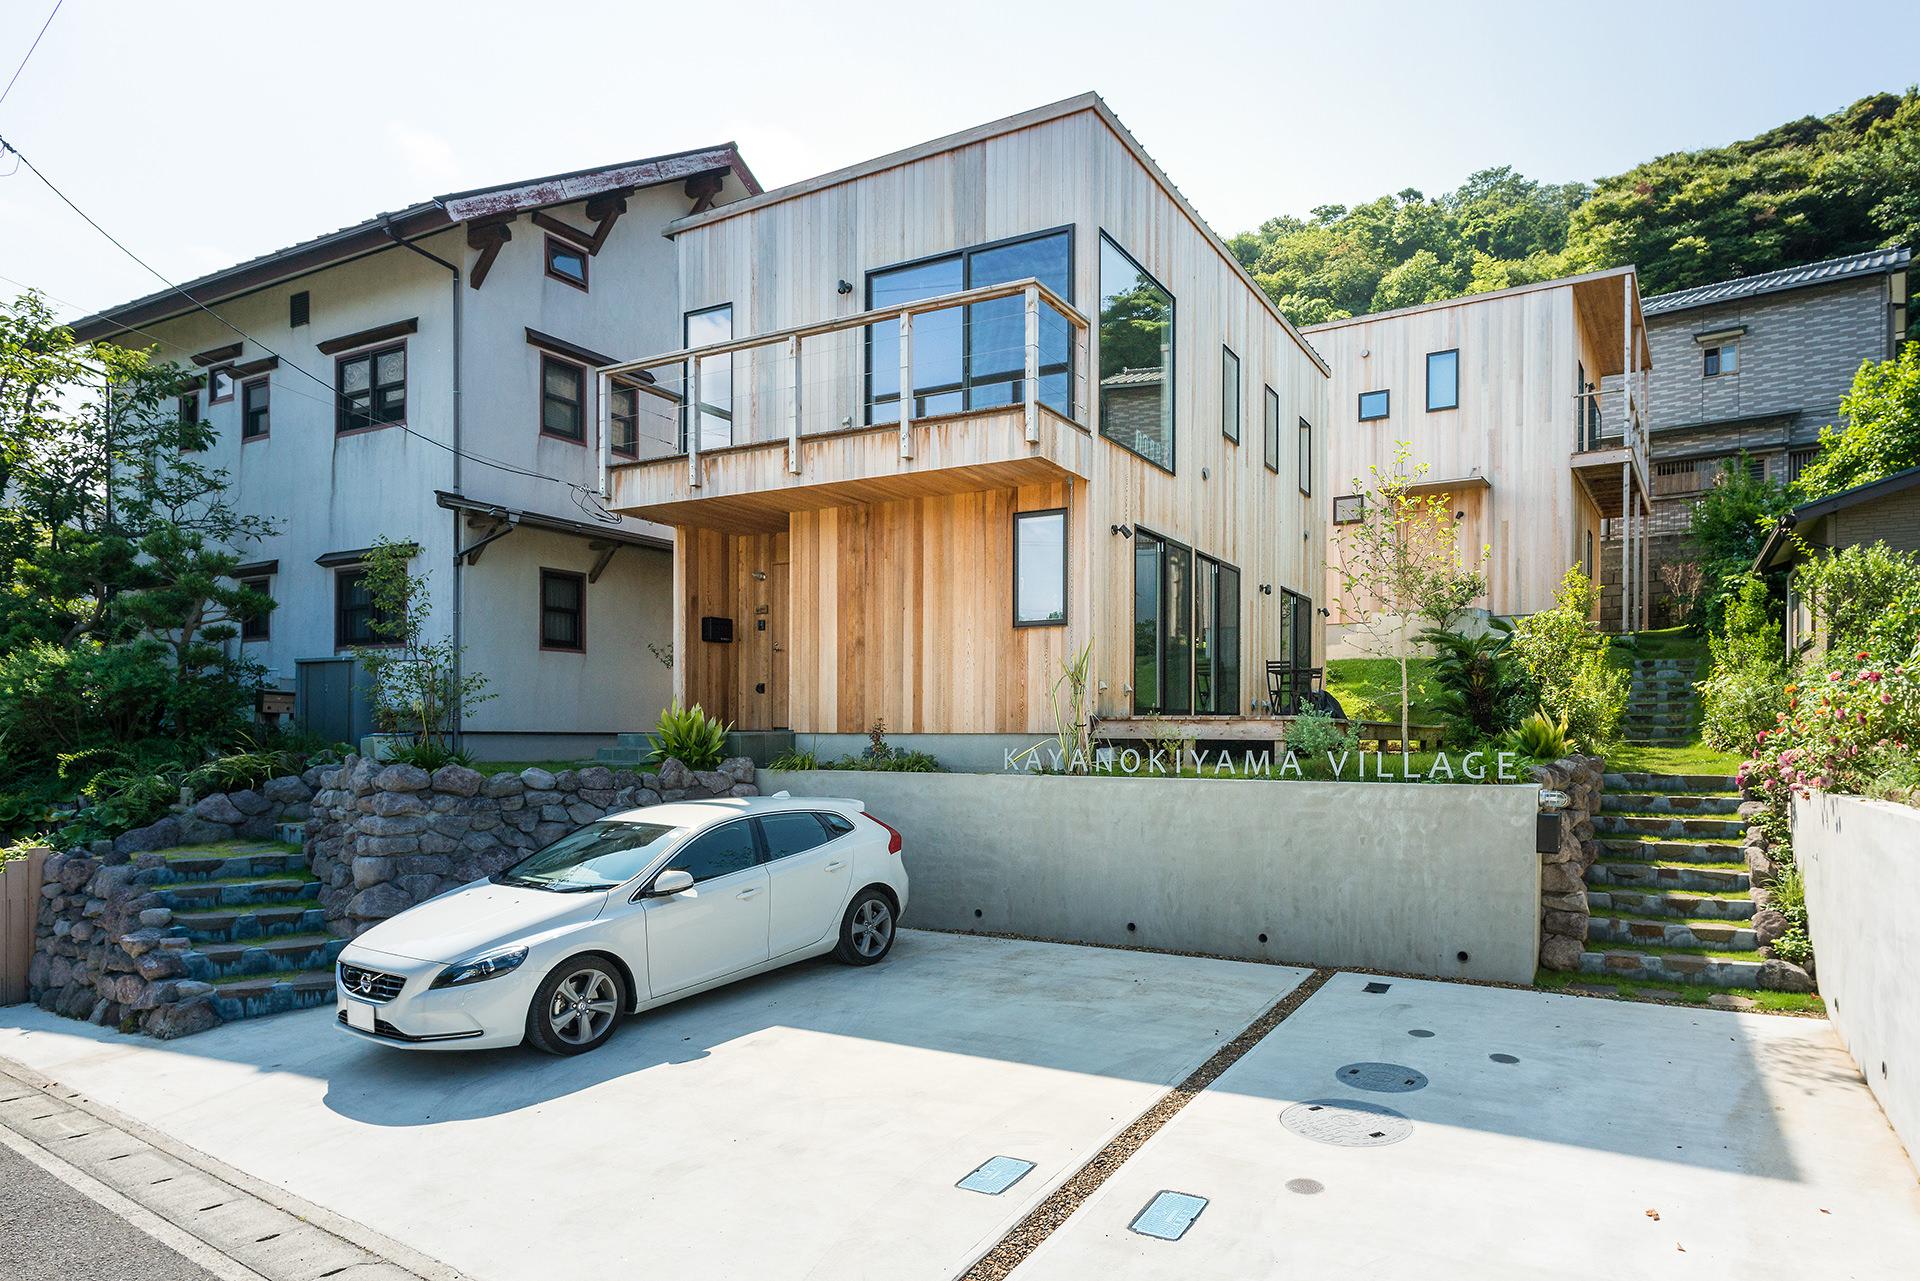 茅木山の家 イメージ02 撮影:東涌宏和